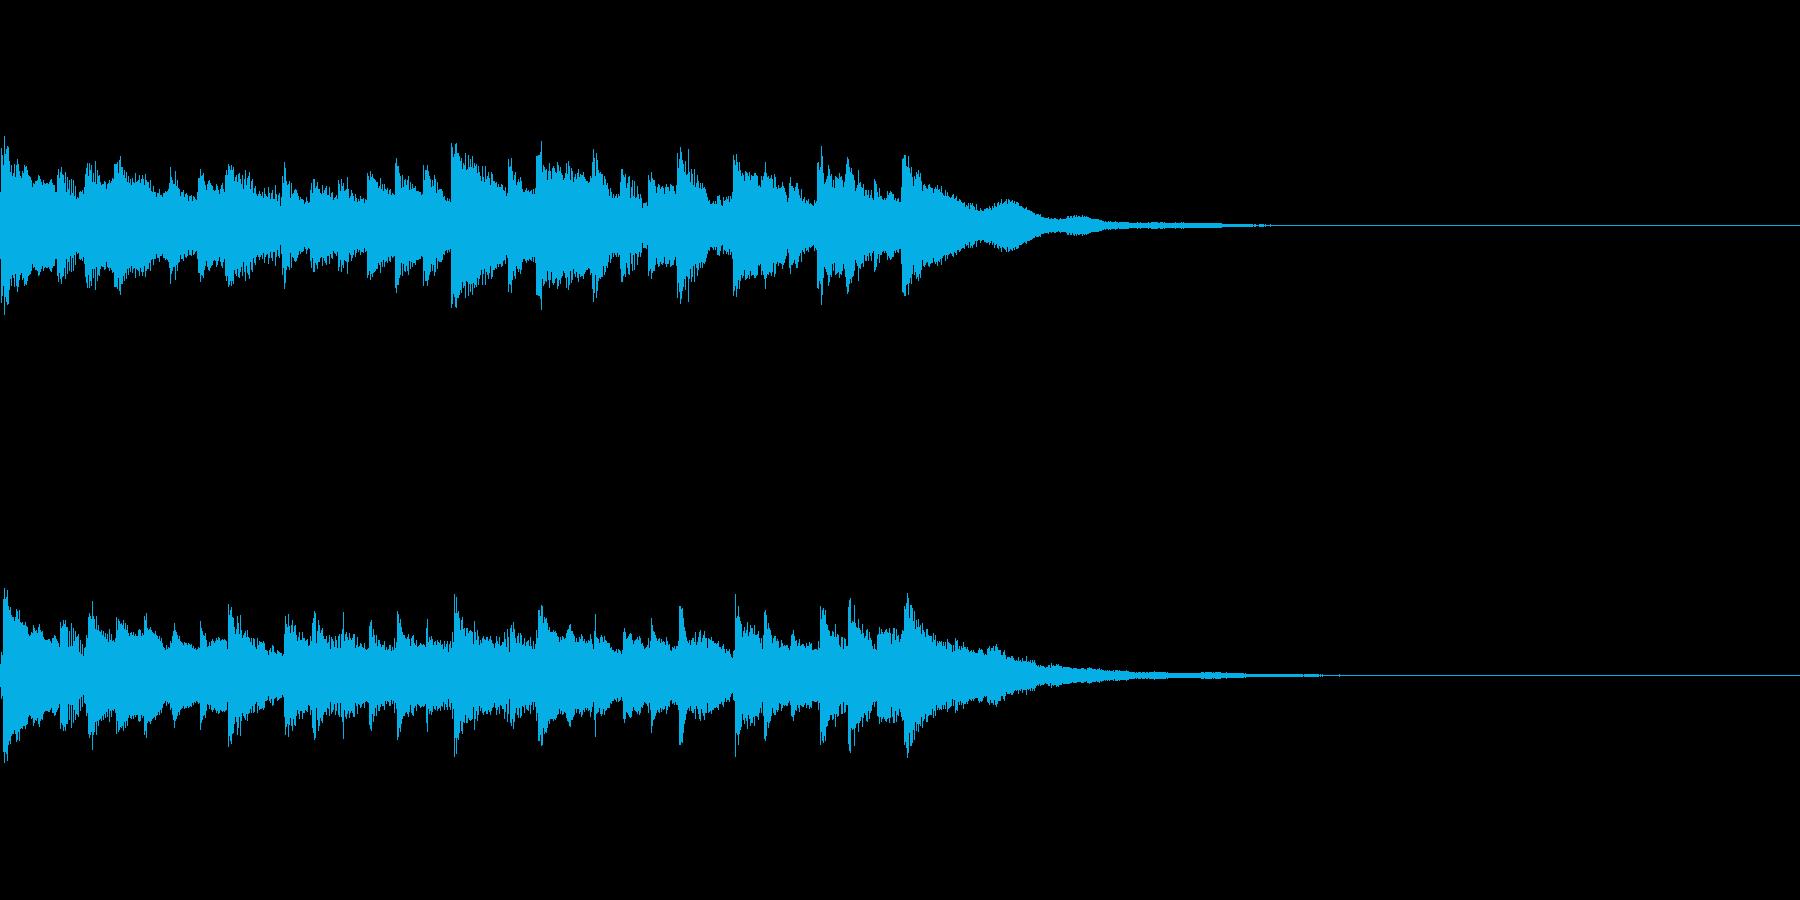 アニメのタイトルコール風なチャイムの再生済みの波形